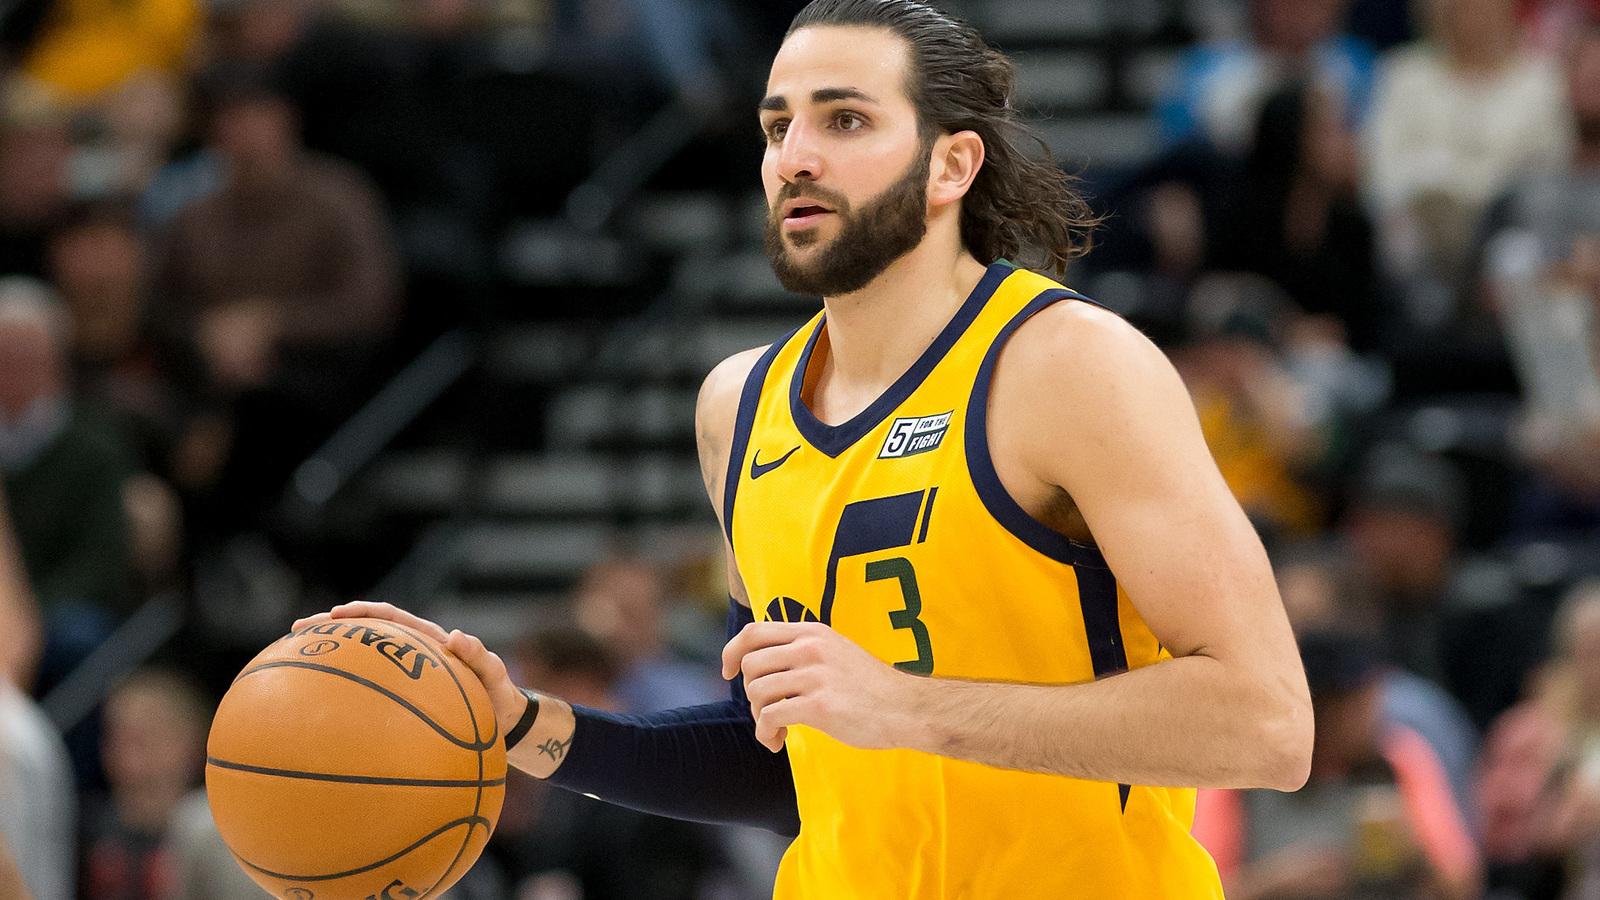 Юта — Сан-Антонио. Прогноз на матч 10 февраля 2019. НБА